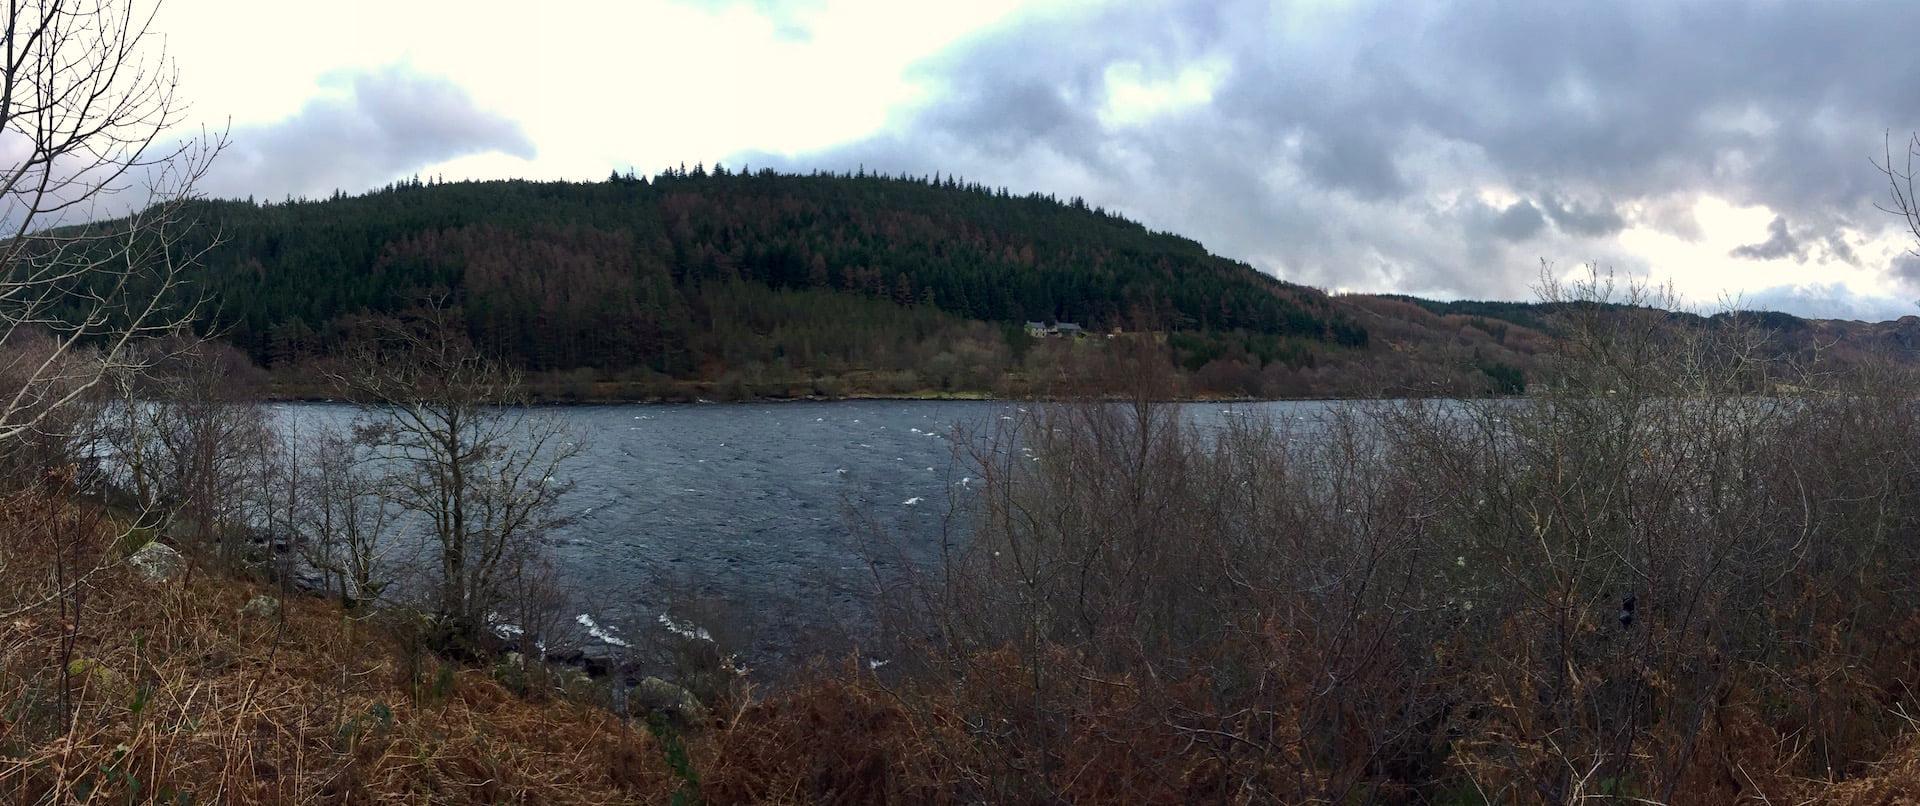 Llyn Crafnant Lake in North Wales   Glan Clwyd Isa